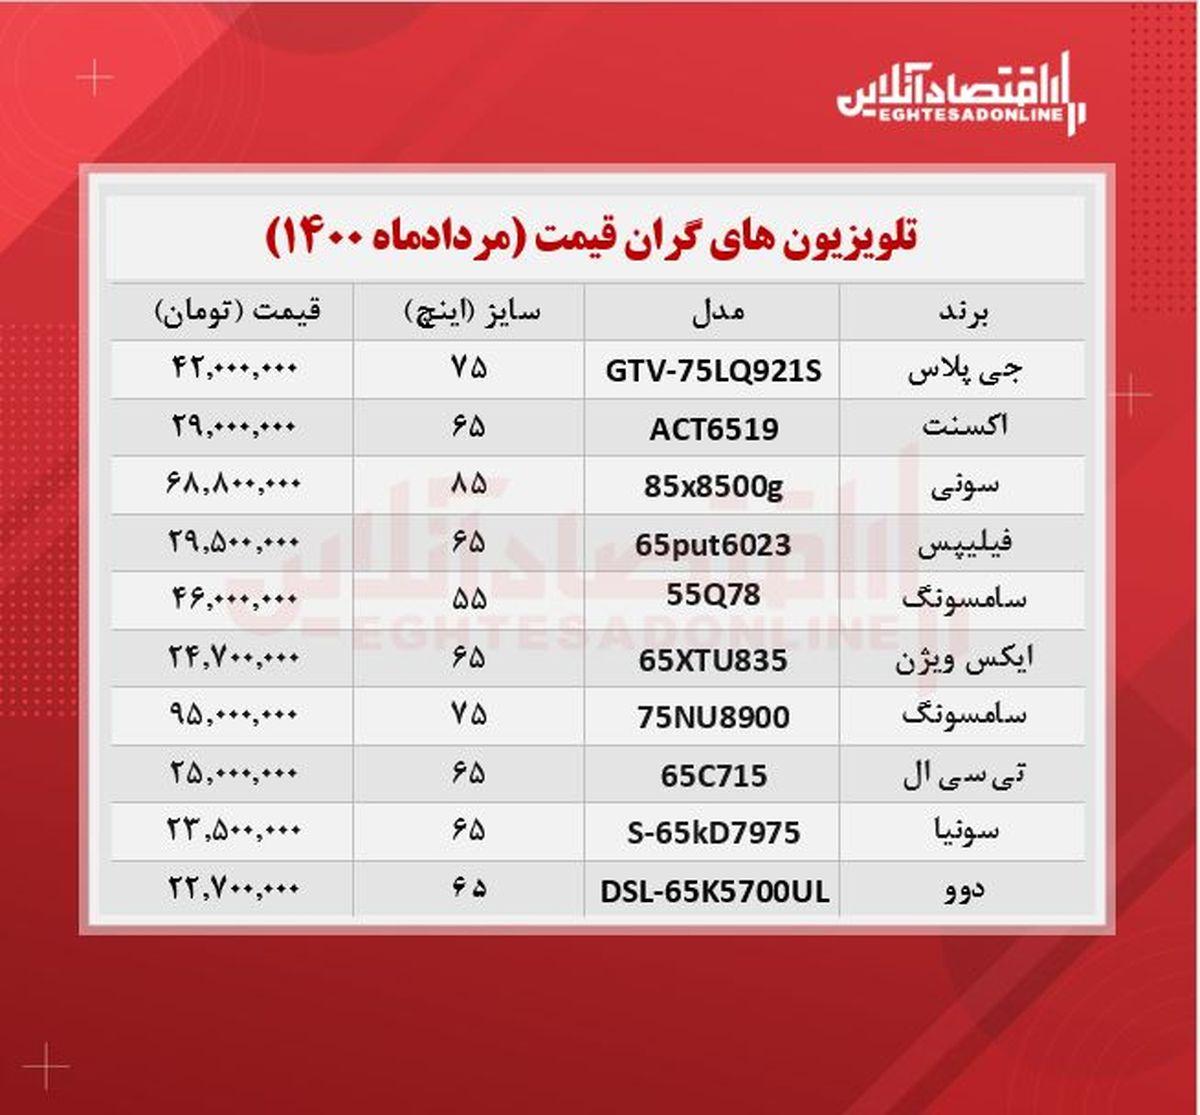 قیمت ۱۰تلویزیون گران بازار تهران + جدول /۲۶مردادماه